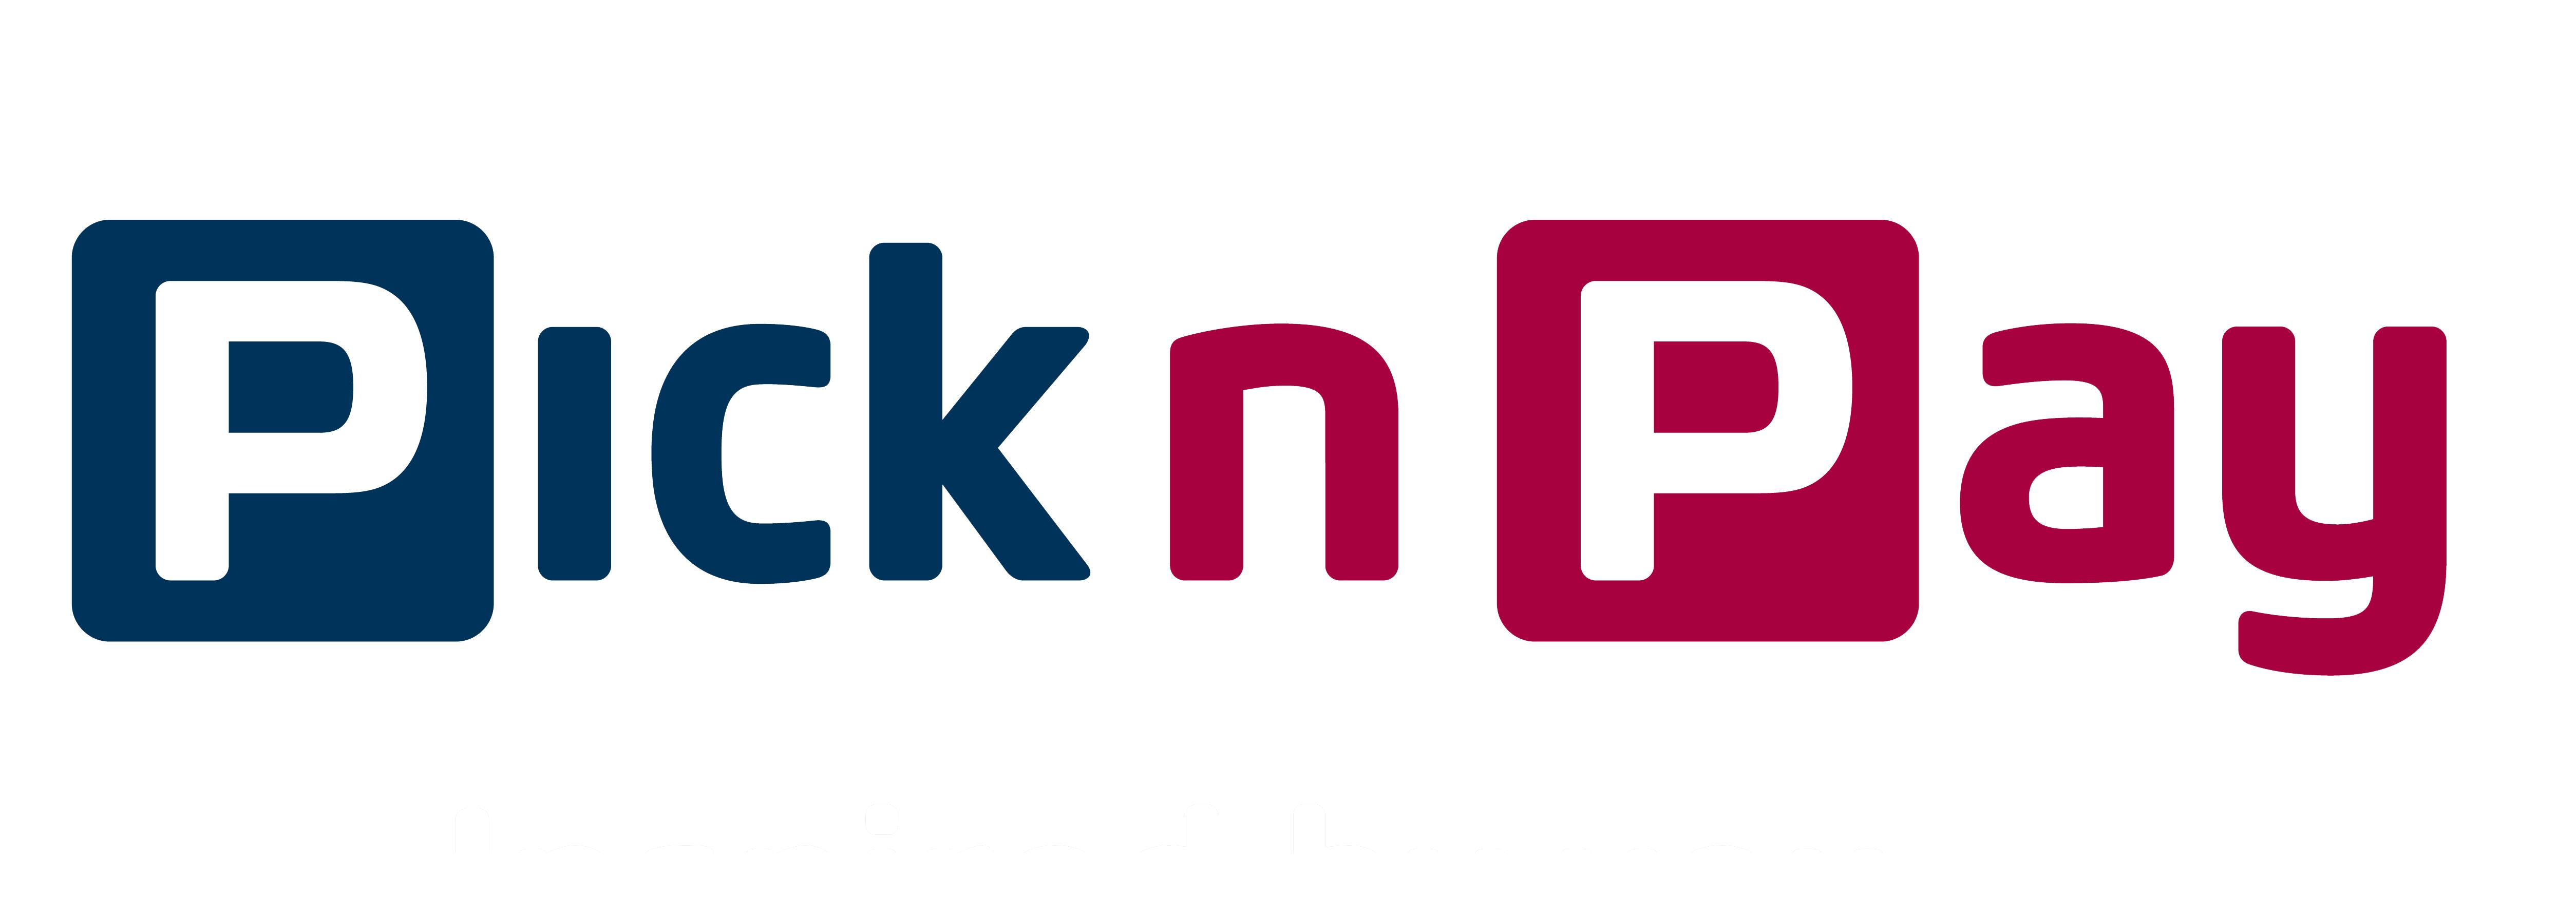 Pick n Pay logo (carousel)